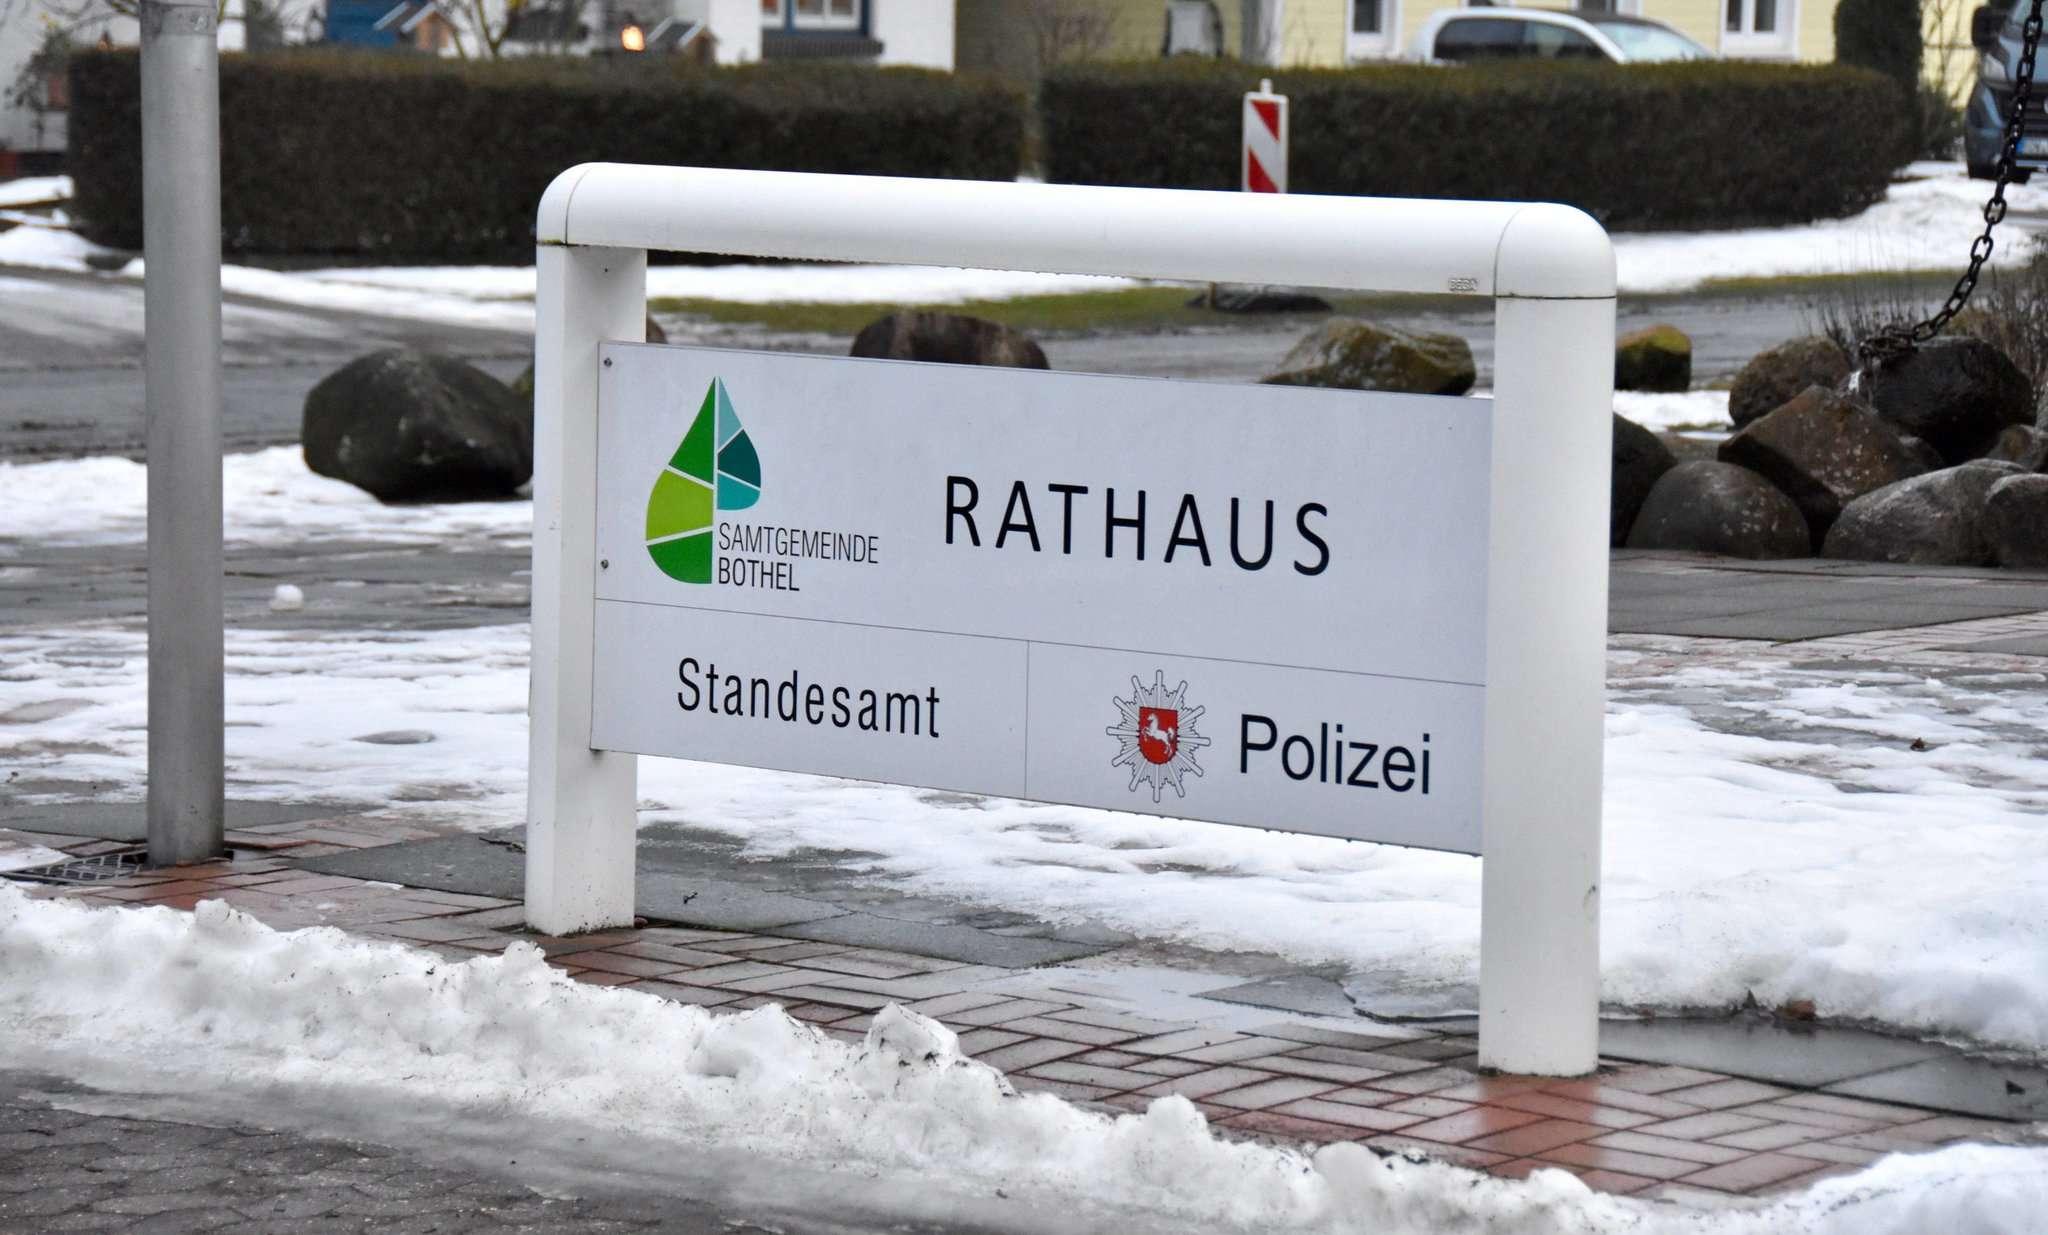 Das Rathaus wird von Mitarbeitern, aber auch von den Bürgern, aufgesucht u2013 und alle wollen in der Nähe parken. Foto: Judith Tausendfreund